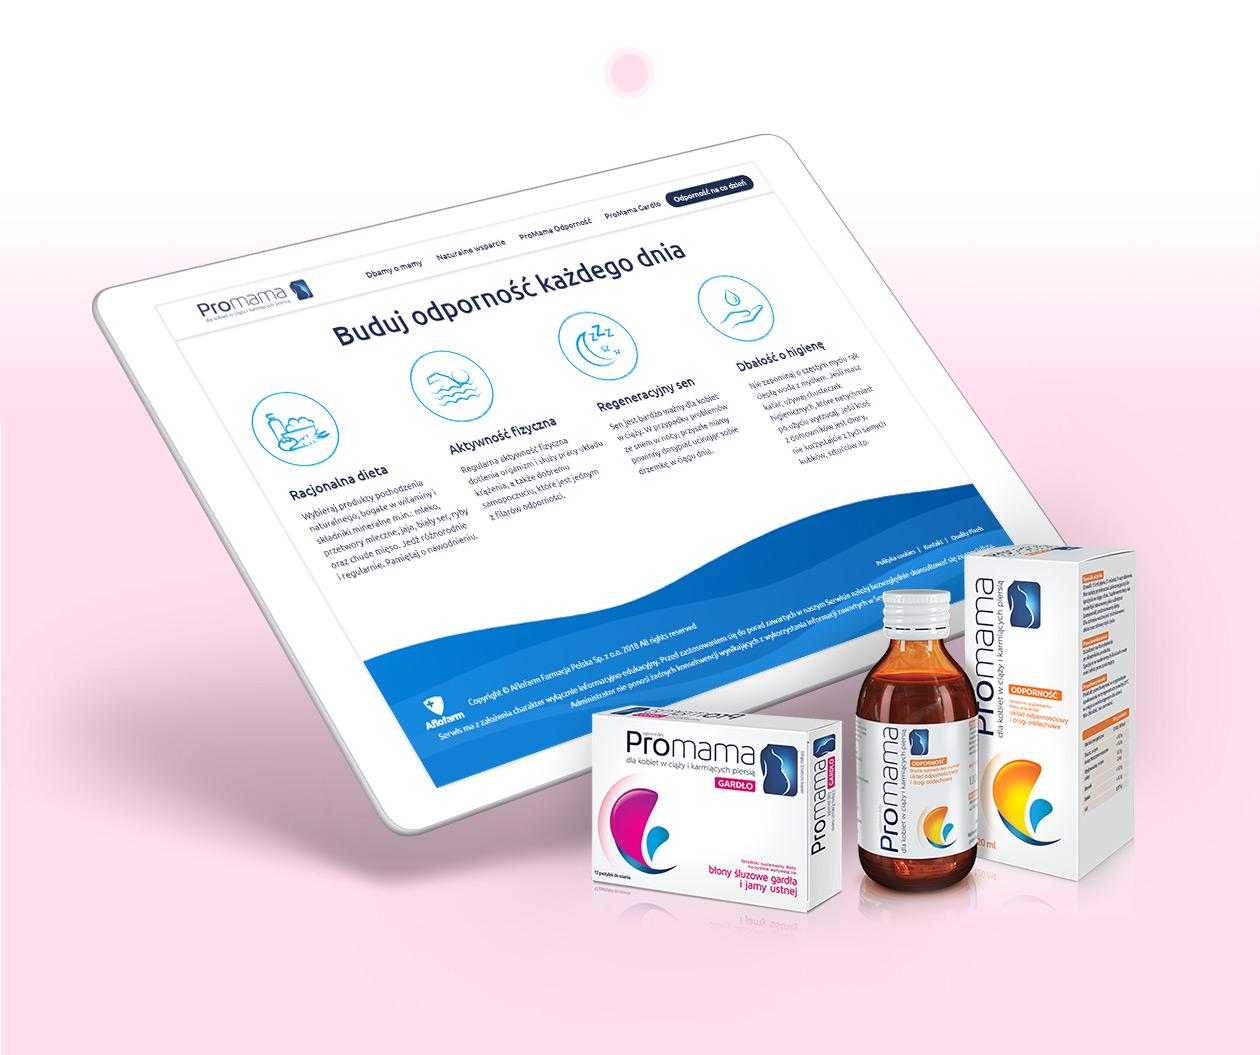 Promama - strona produktowa zrealizowana przez Quality Pixels